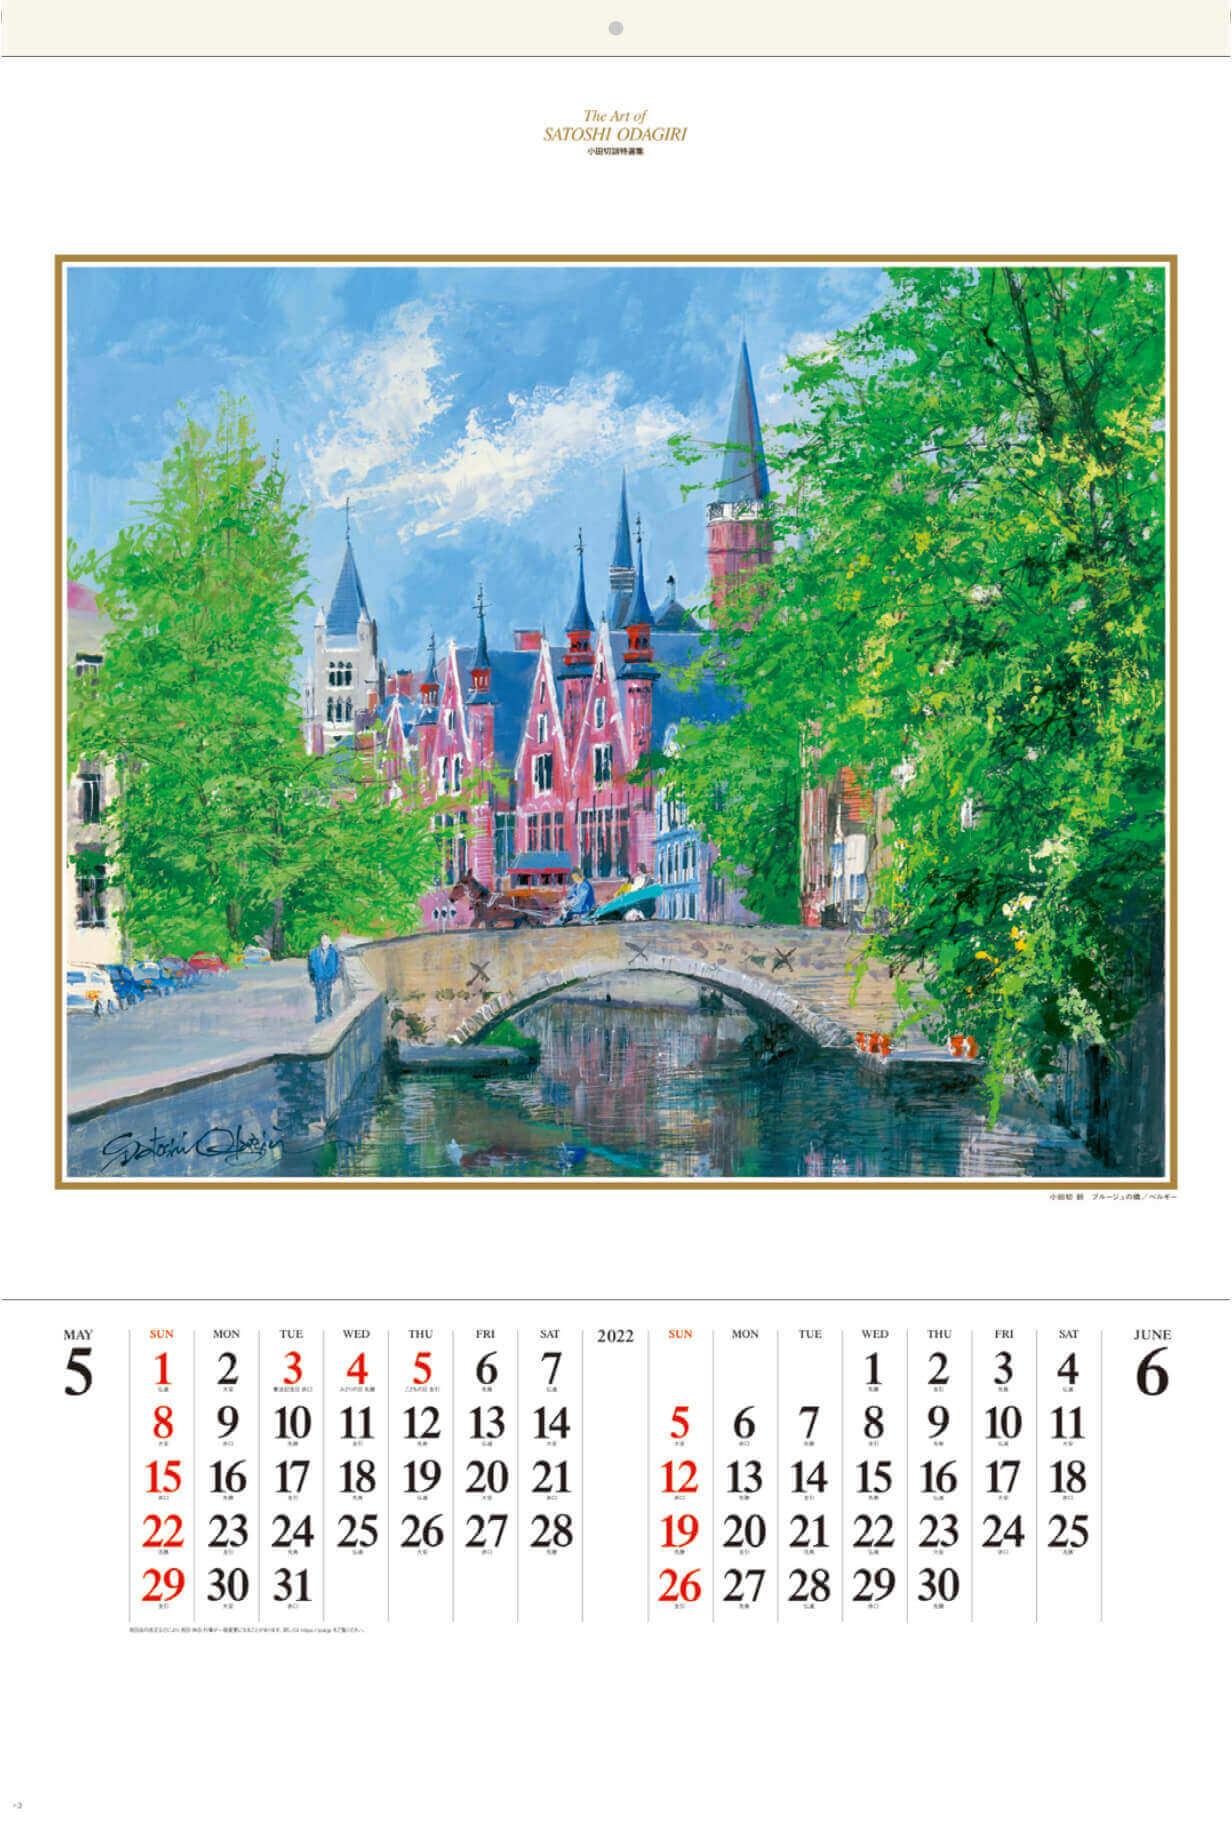 5-6月 ブルージュの橋 ベルギー ヨーロッパの印象(フィルムカレンダー) 2022年カレンダーの画像